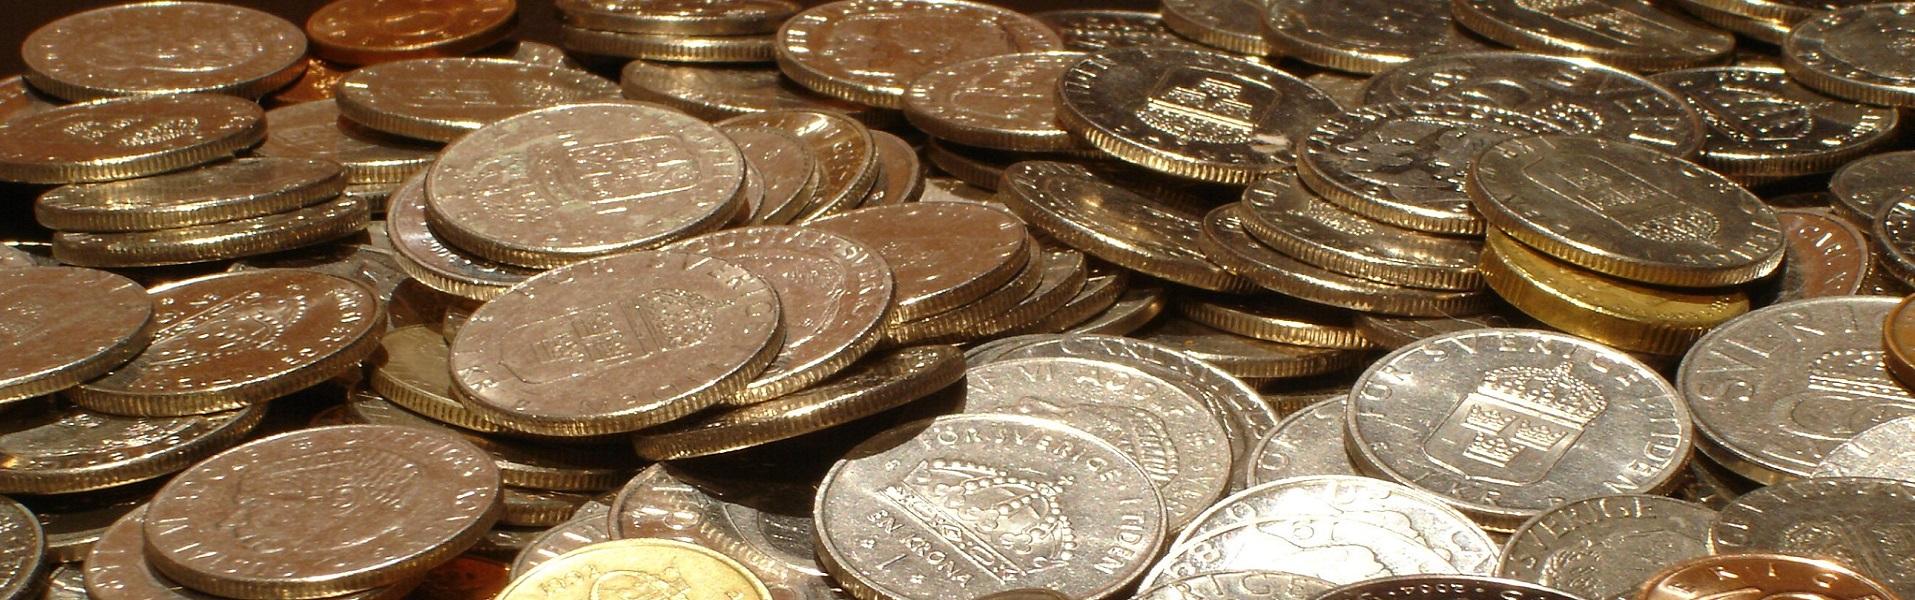 Swedish_coins_20050924